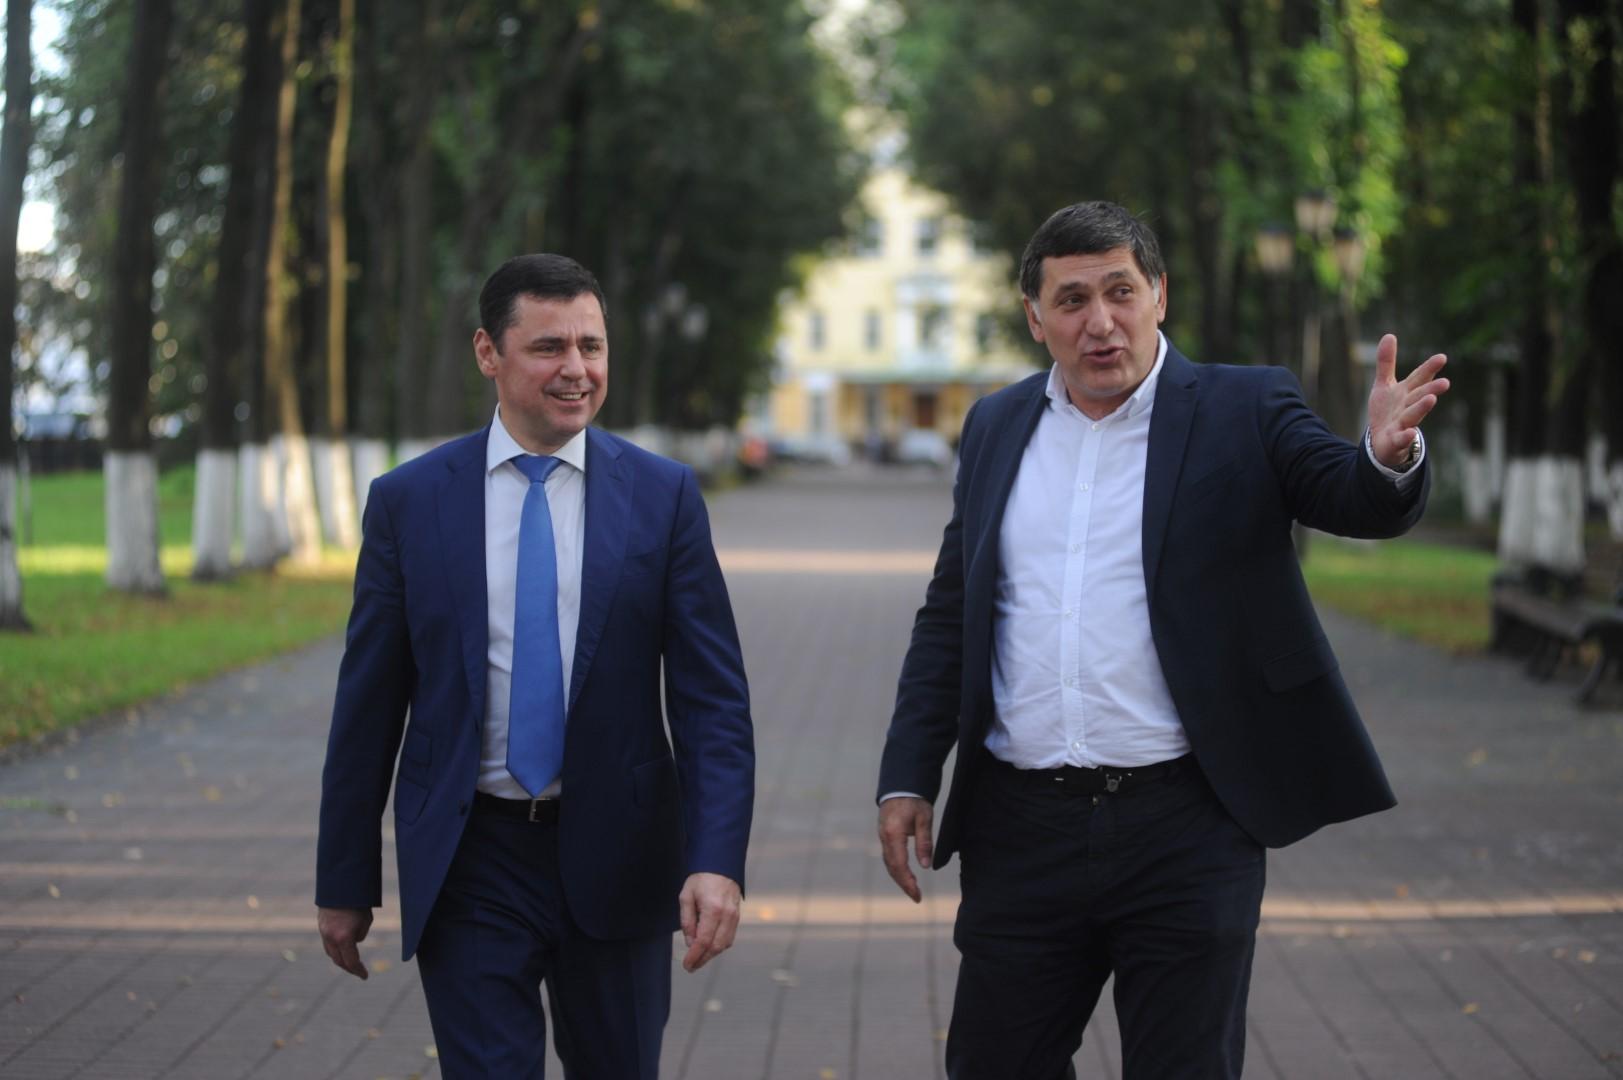 Дмитрий Миронов объявил конкурс к 270-летию Волковского театра